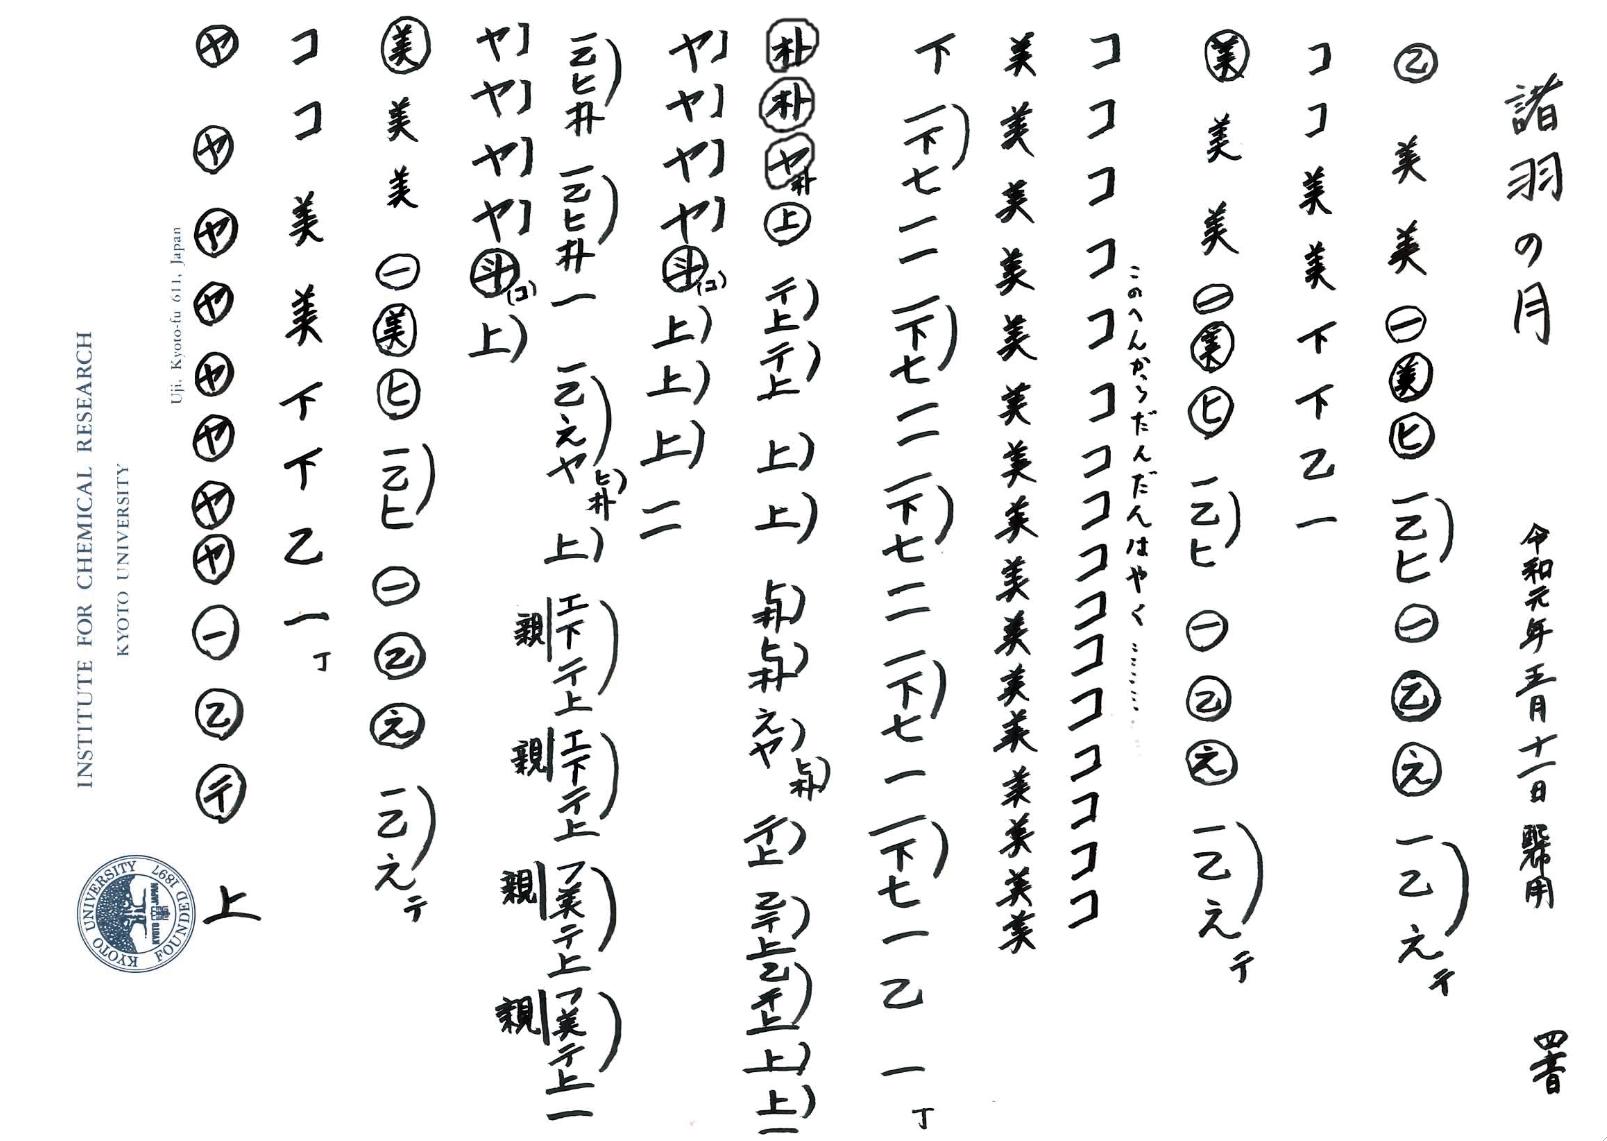 morohanotsuki